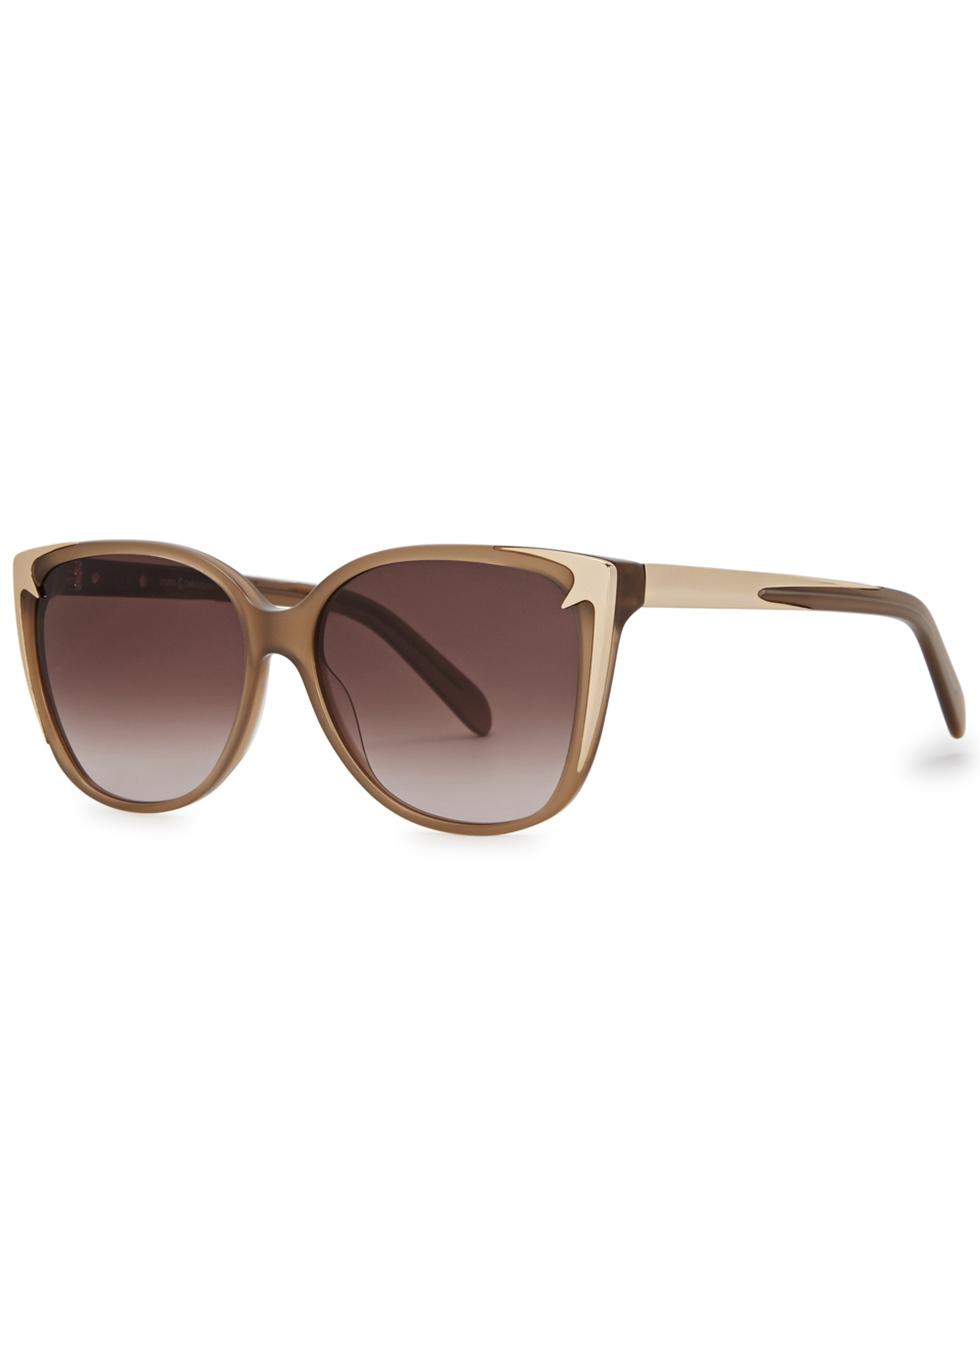 PARED EYEWEAR X Staerk & Christensen Oval-Frame Sunglasses in Brown